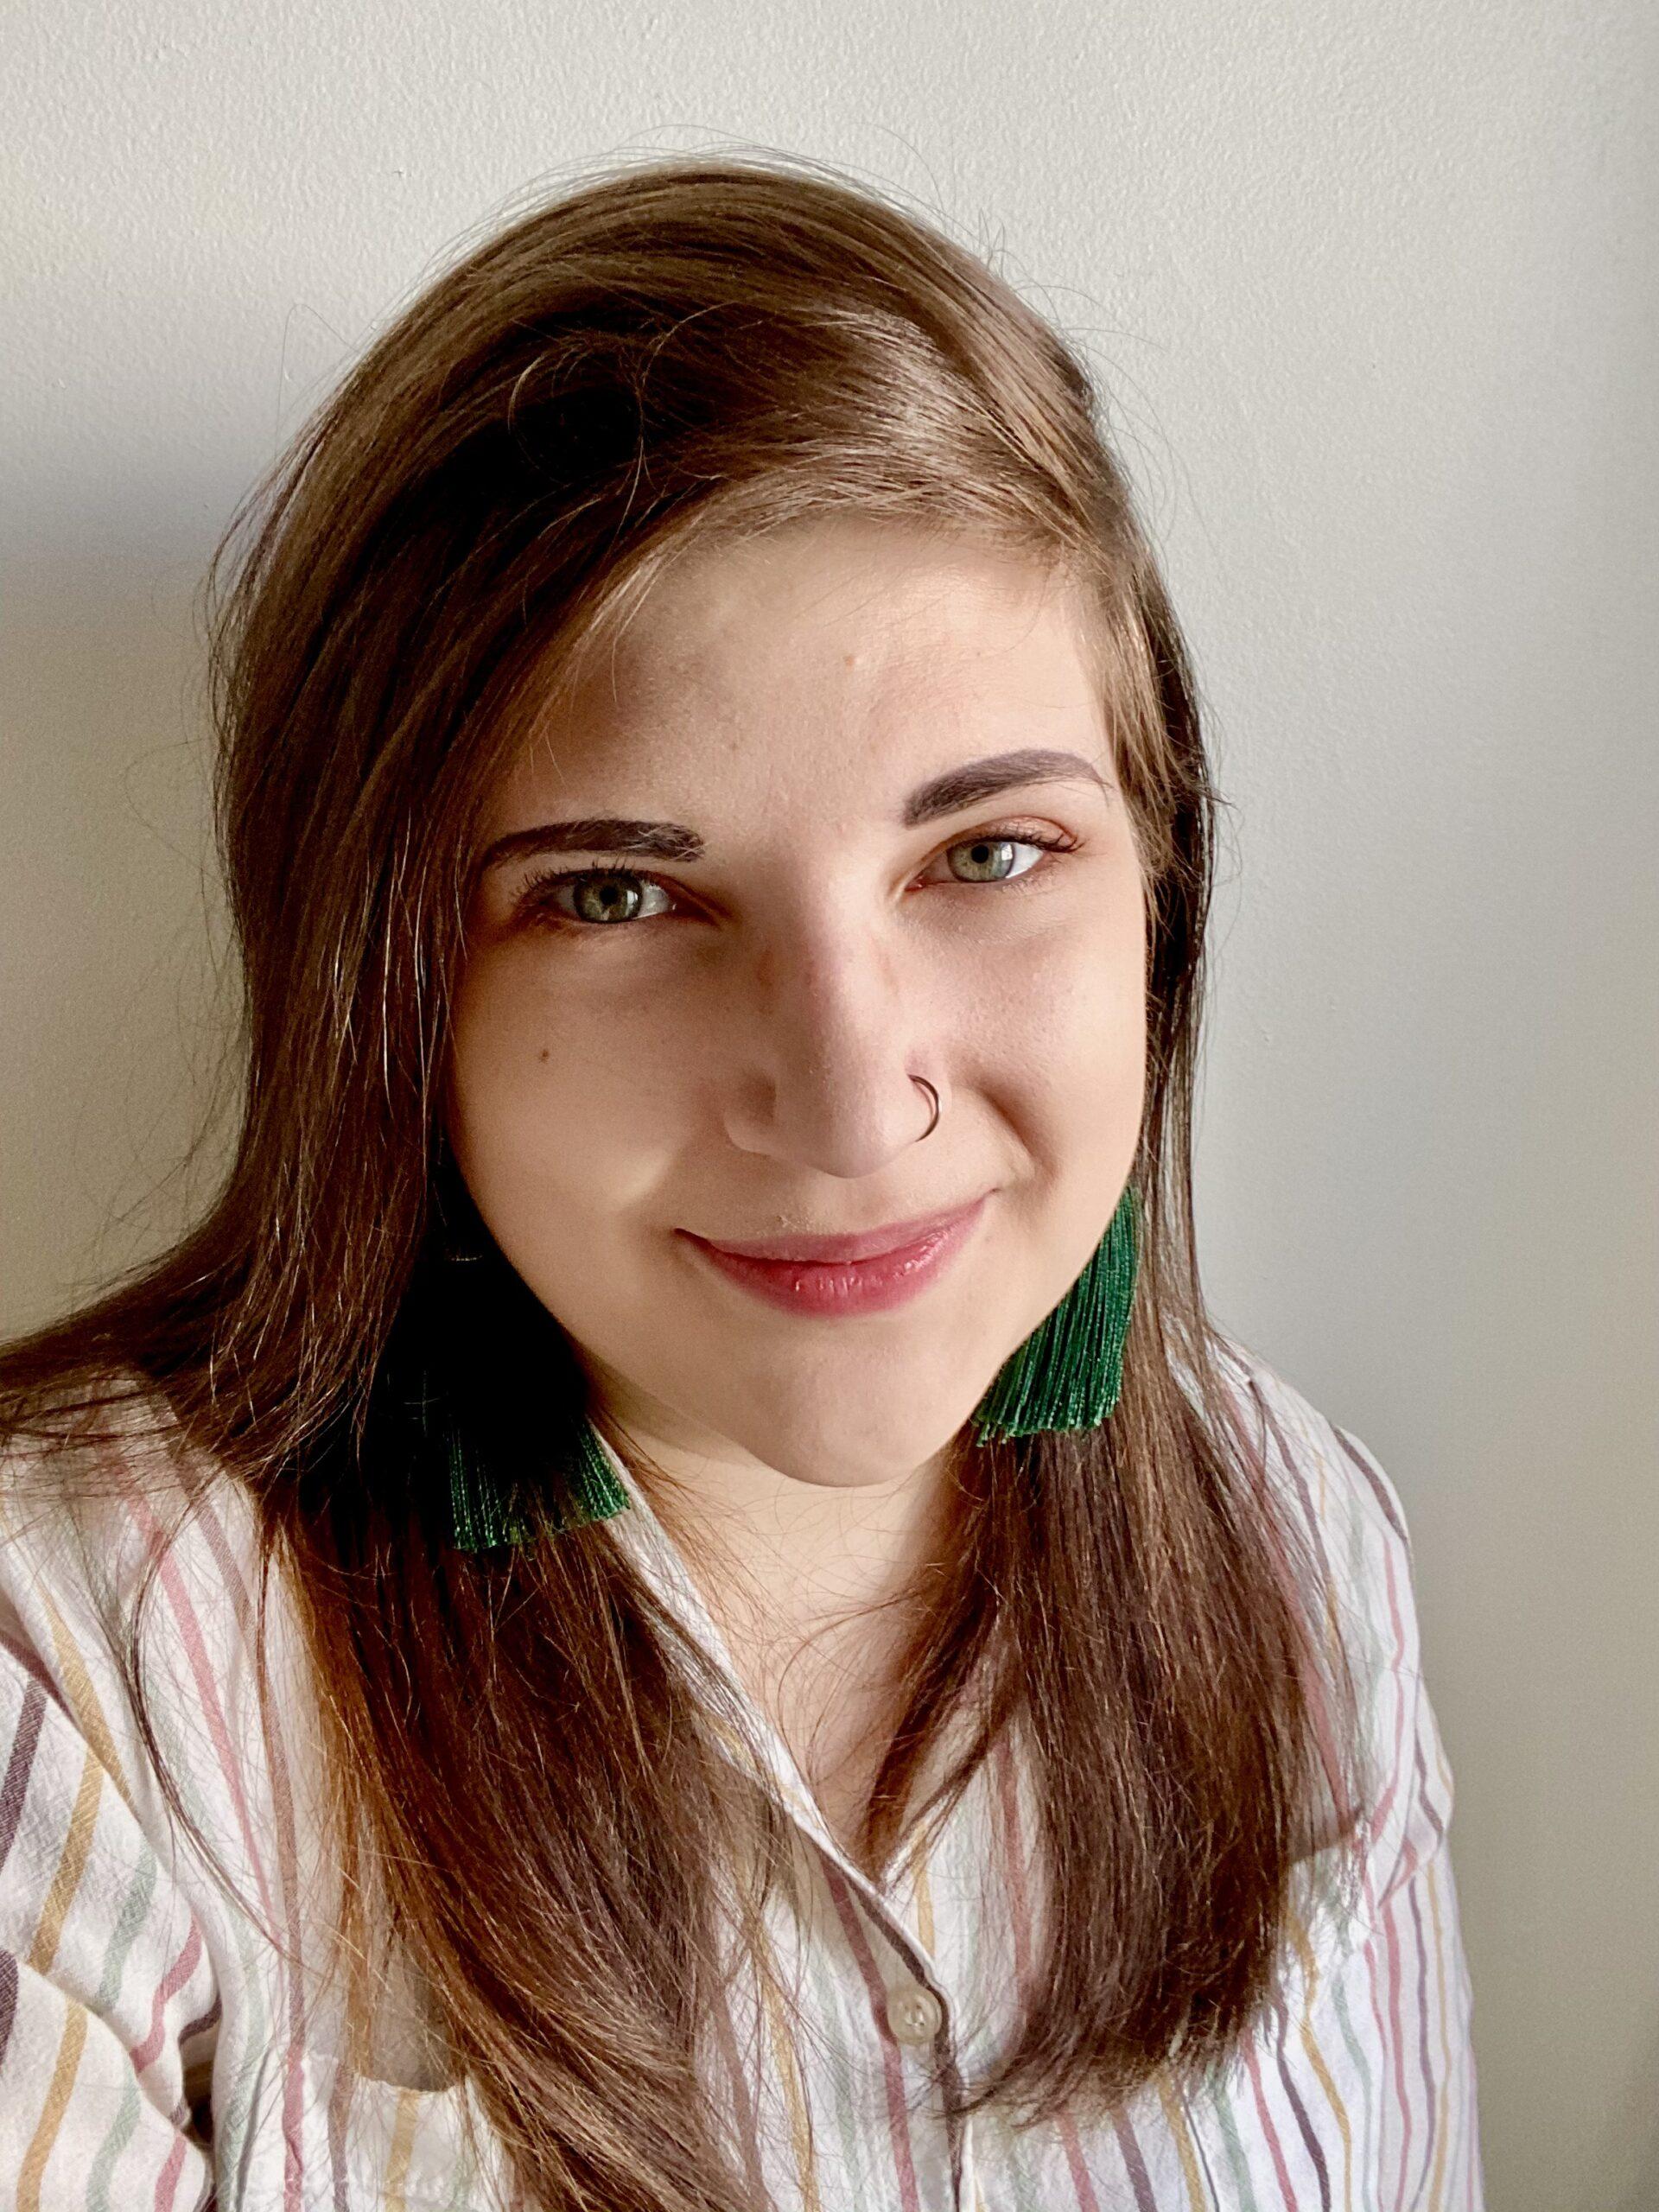 Olivia Haberman